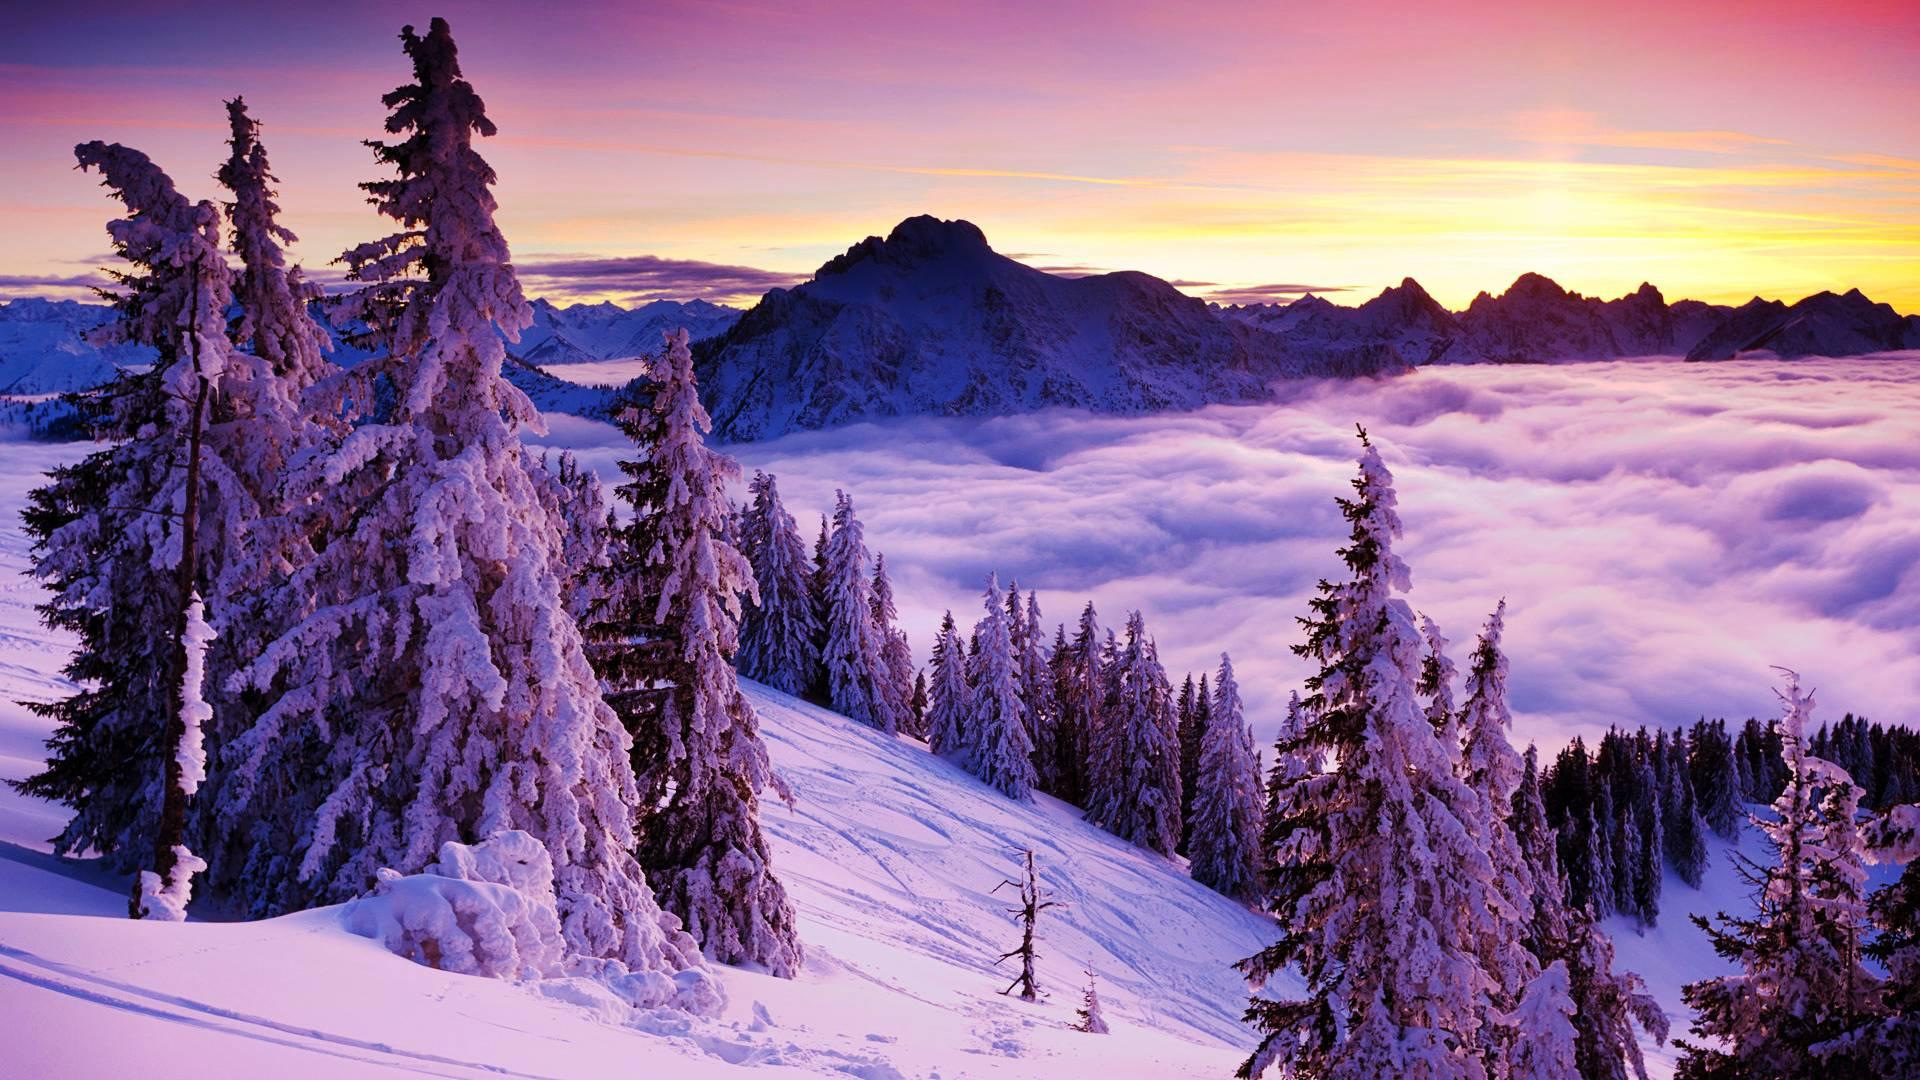 snow landscape backgrounds - photo #29